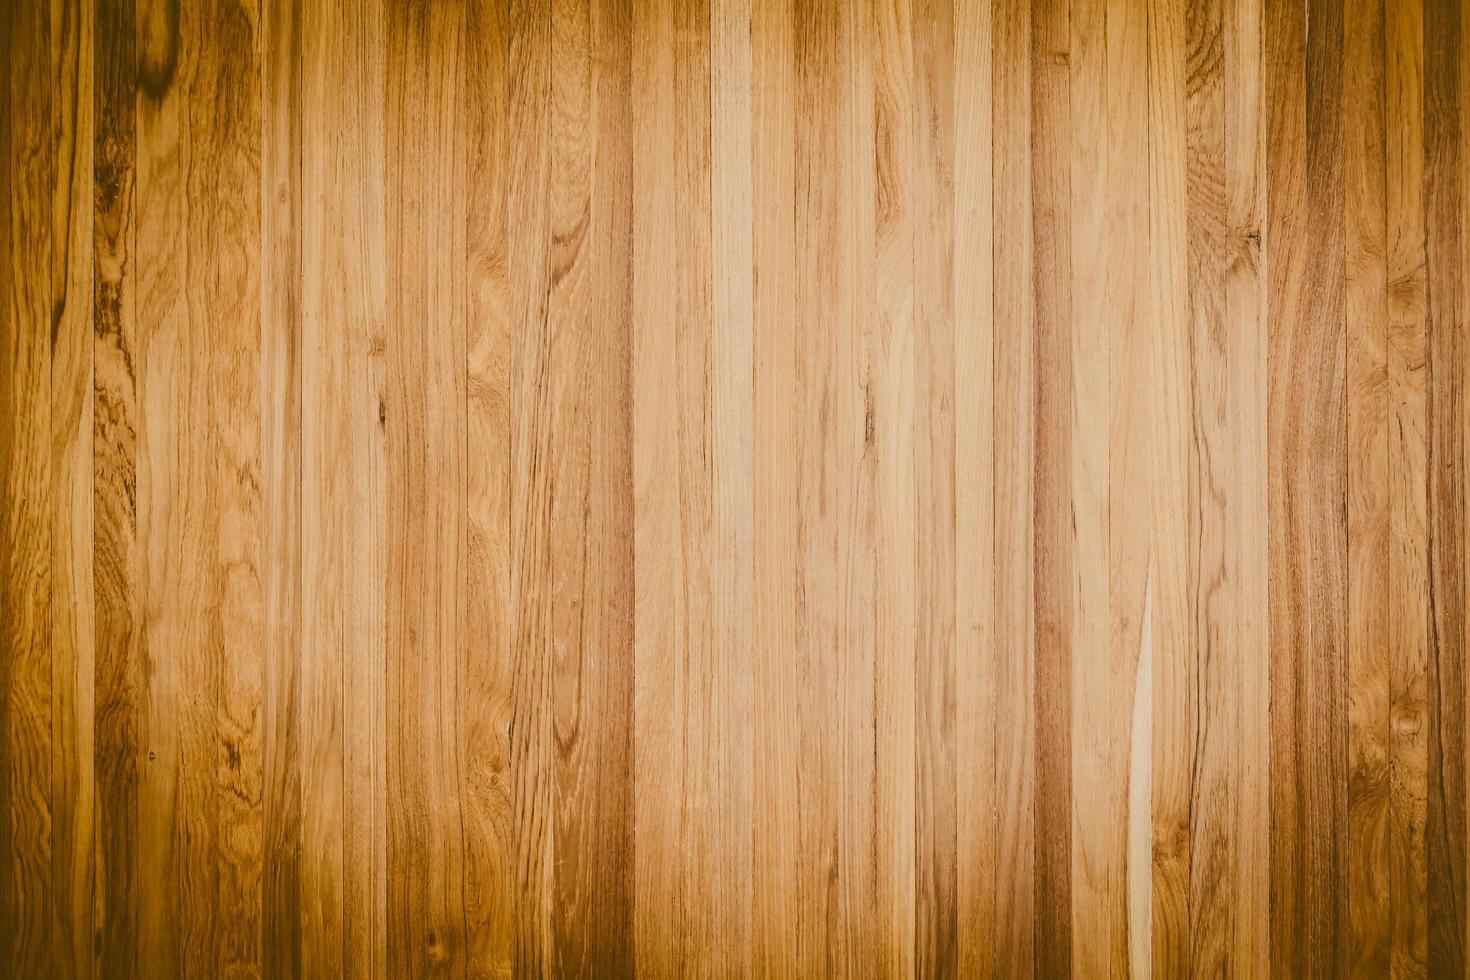 Holzbeschaffenheit für Hintergrund foto